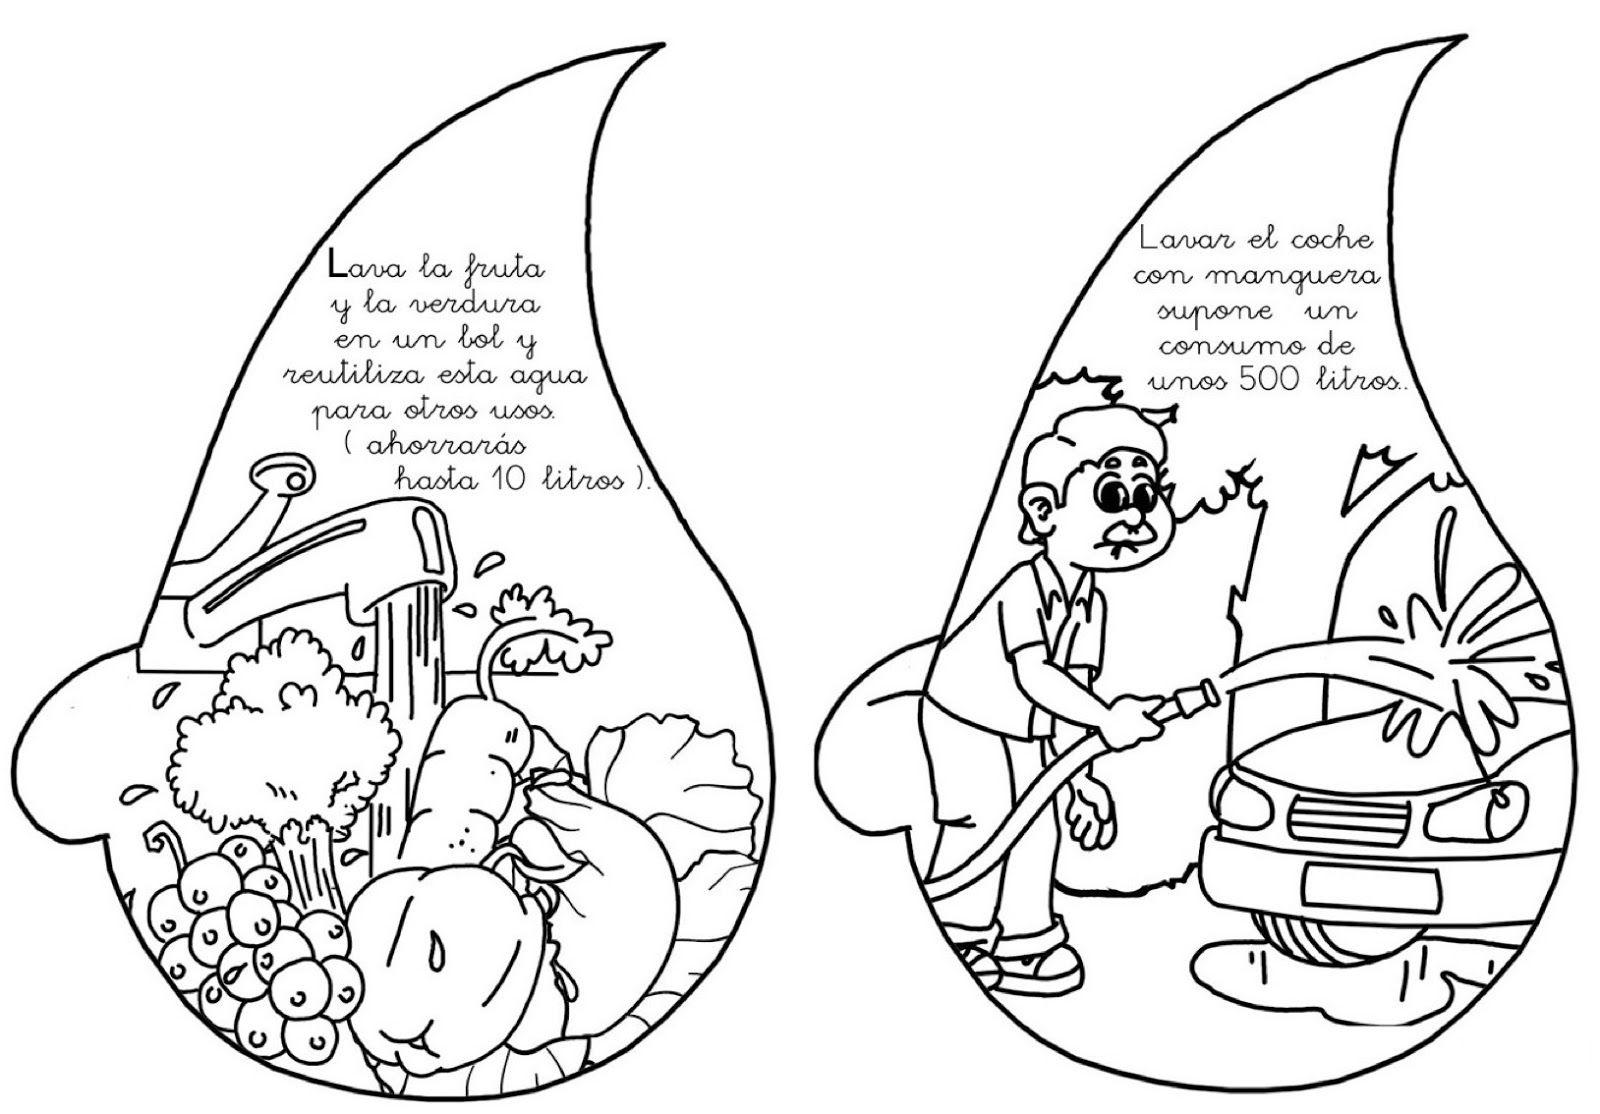 Recursos Y Actividades Para Educacion Infantil Con Los Que Todo Maestro Suena Juegos Fichas Recursos Y Actividades Social Science Science For Kids Education